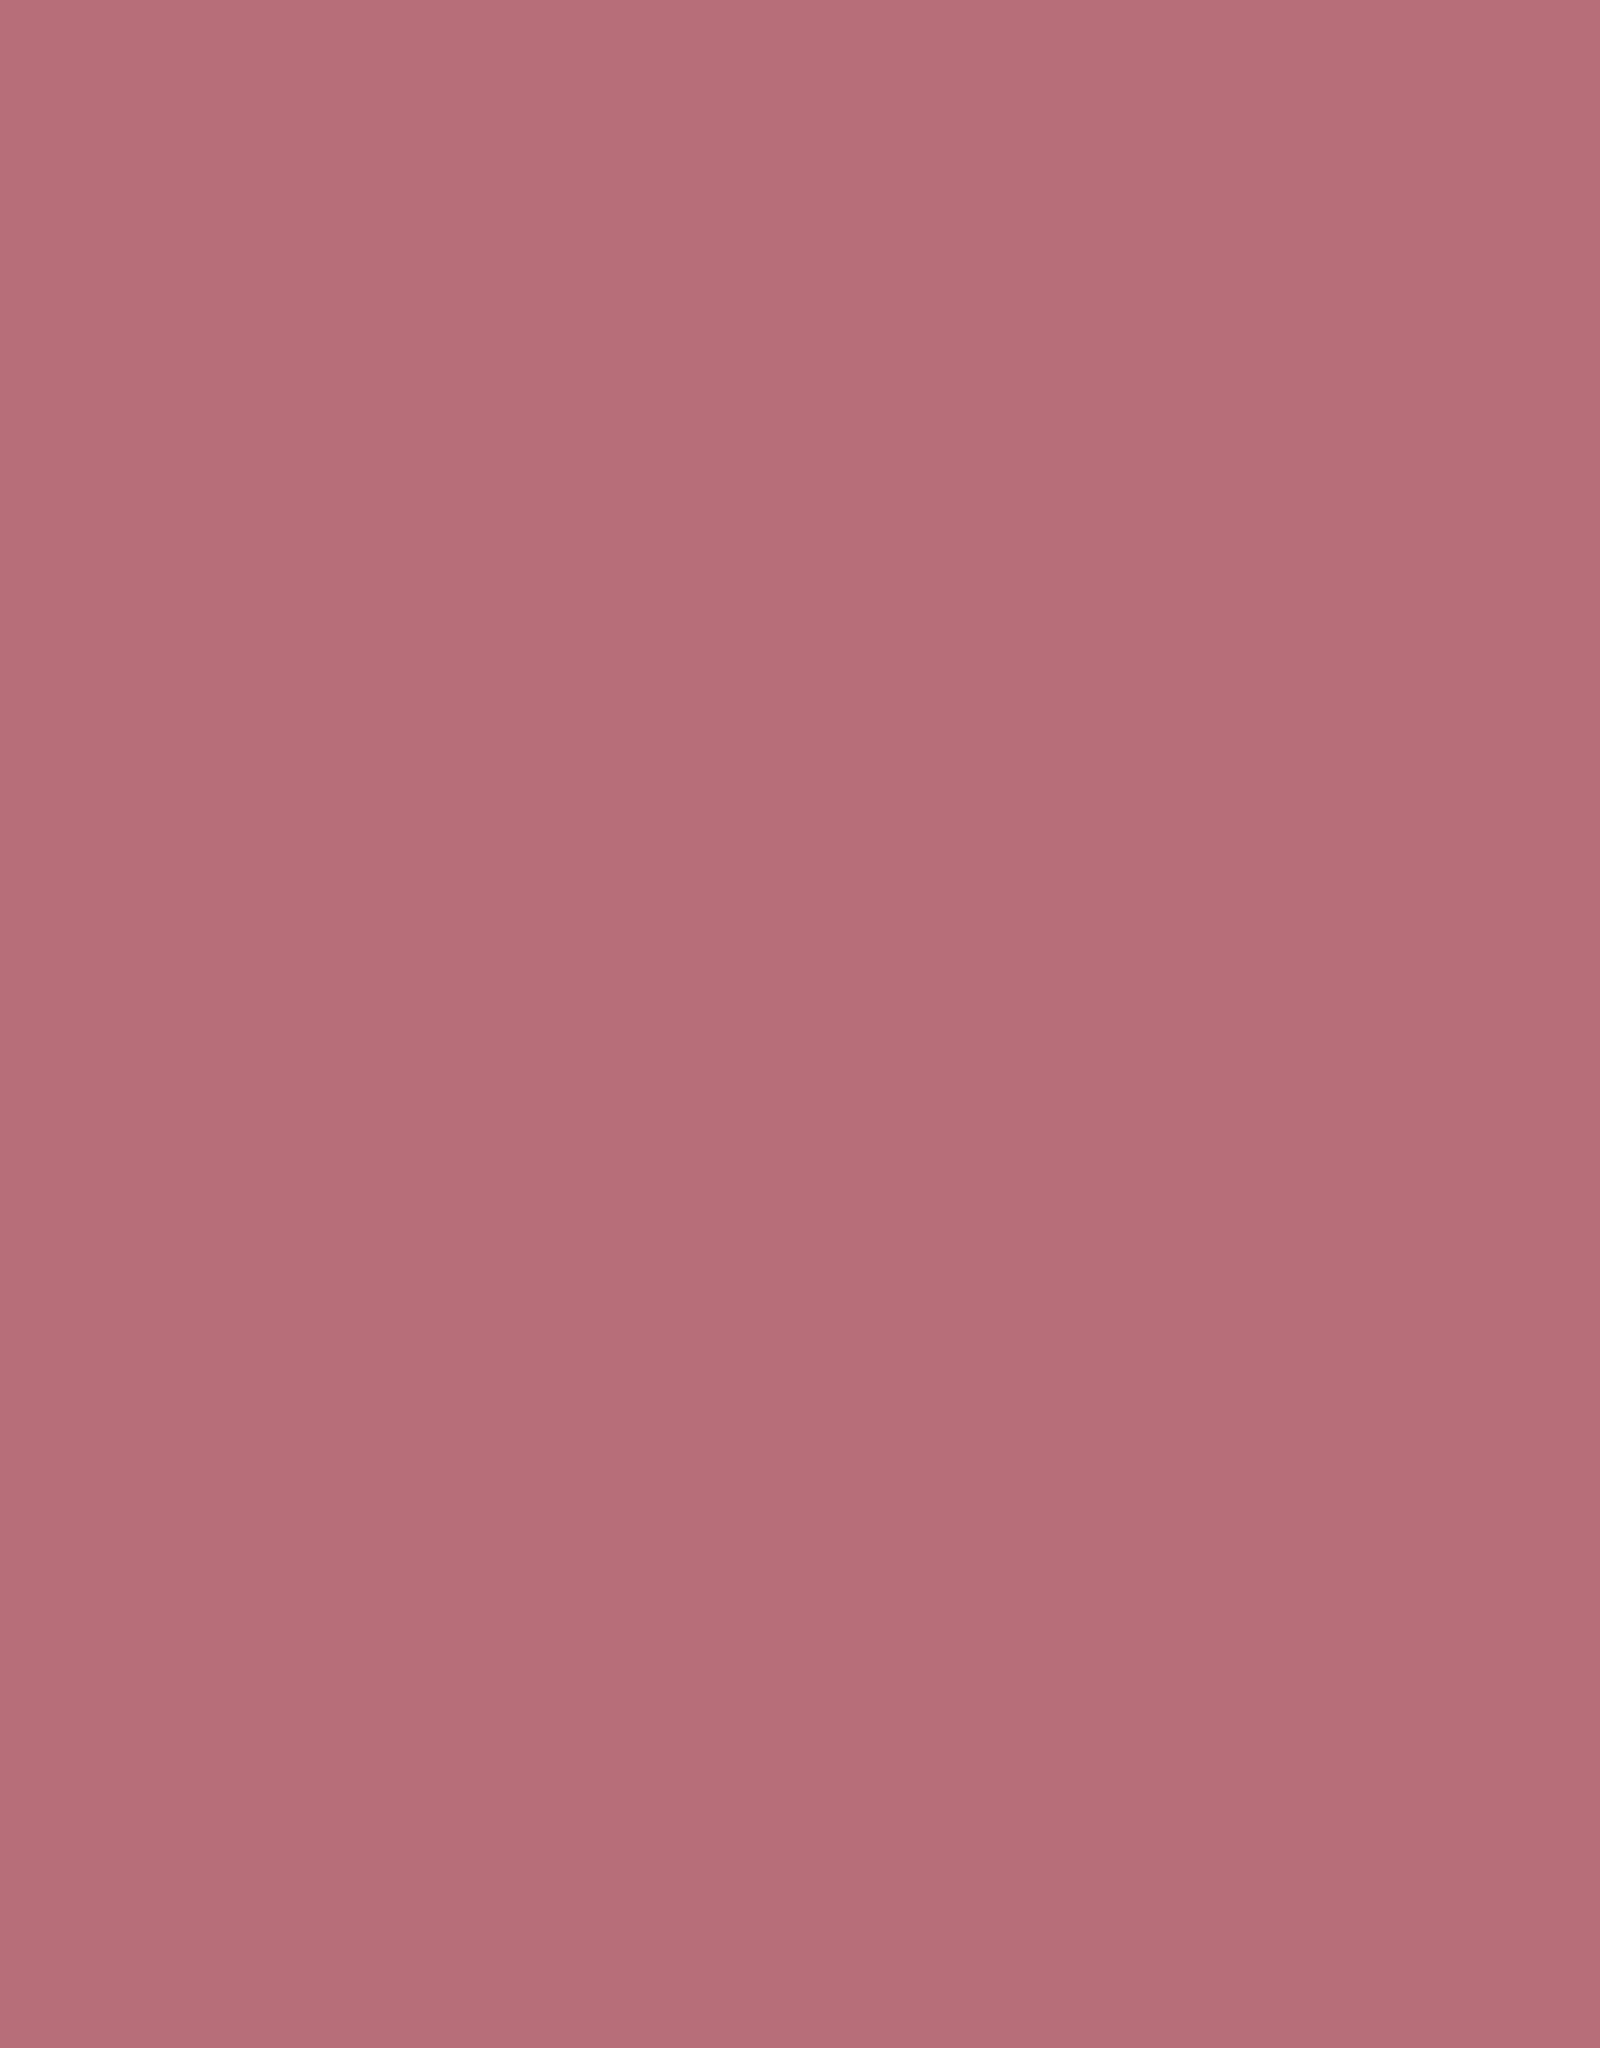 MOTIONWEAR CHILD PINCH FRONT ARCH BACK CAMISOLE LEOTARD (2506)